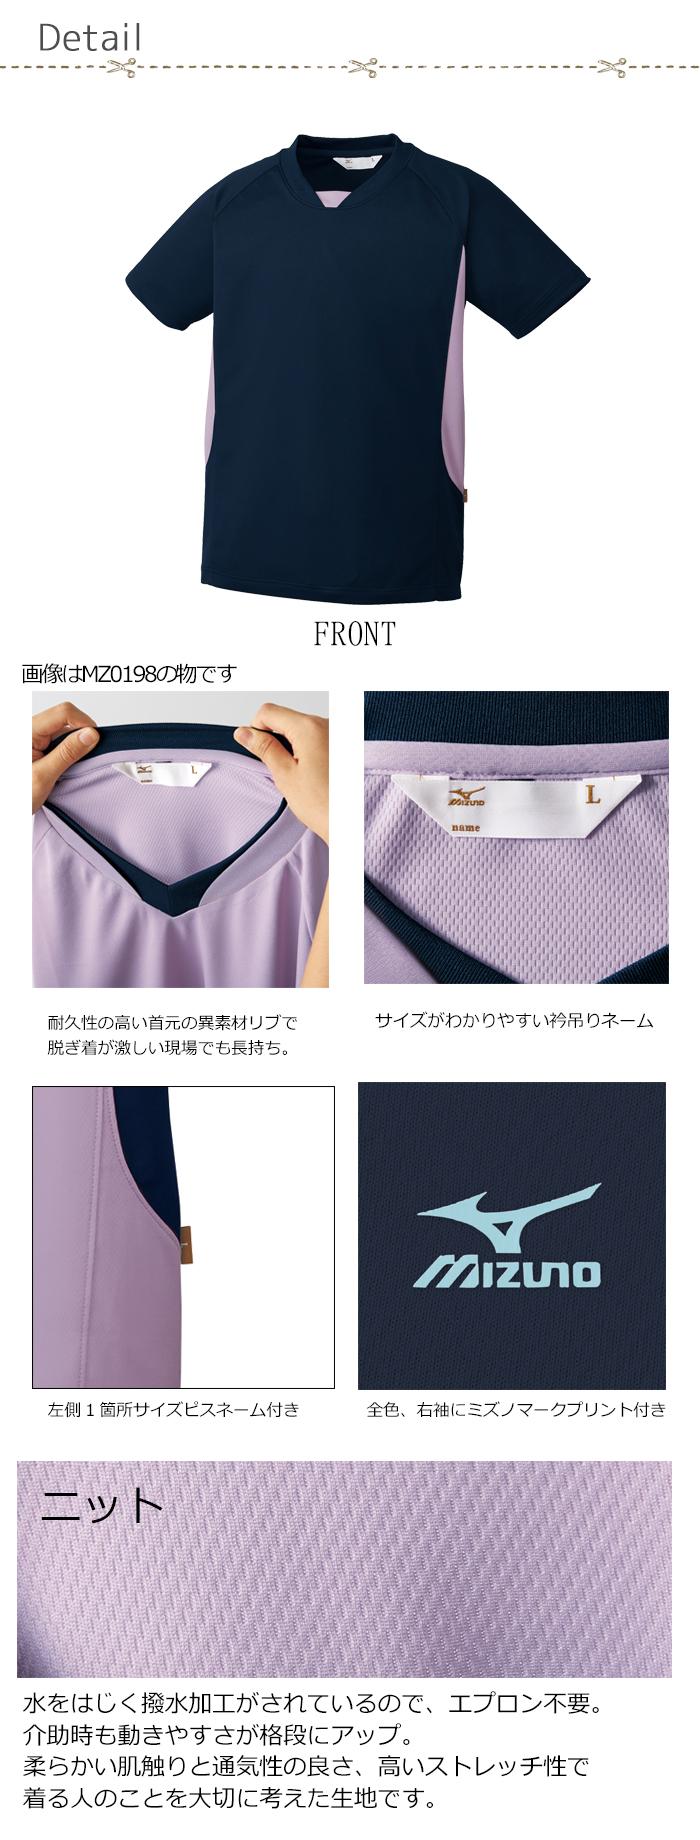 【介護・ヘルパー向け】差し色がかわいい入浴介助用シャツ【男女兼用】